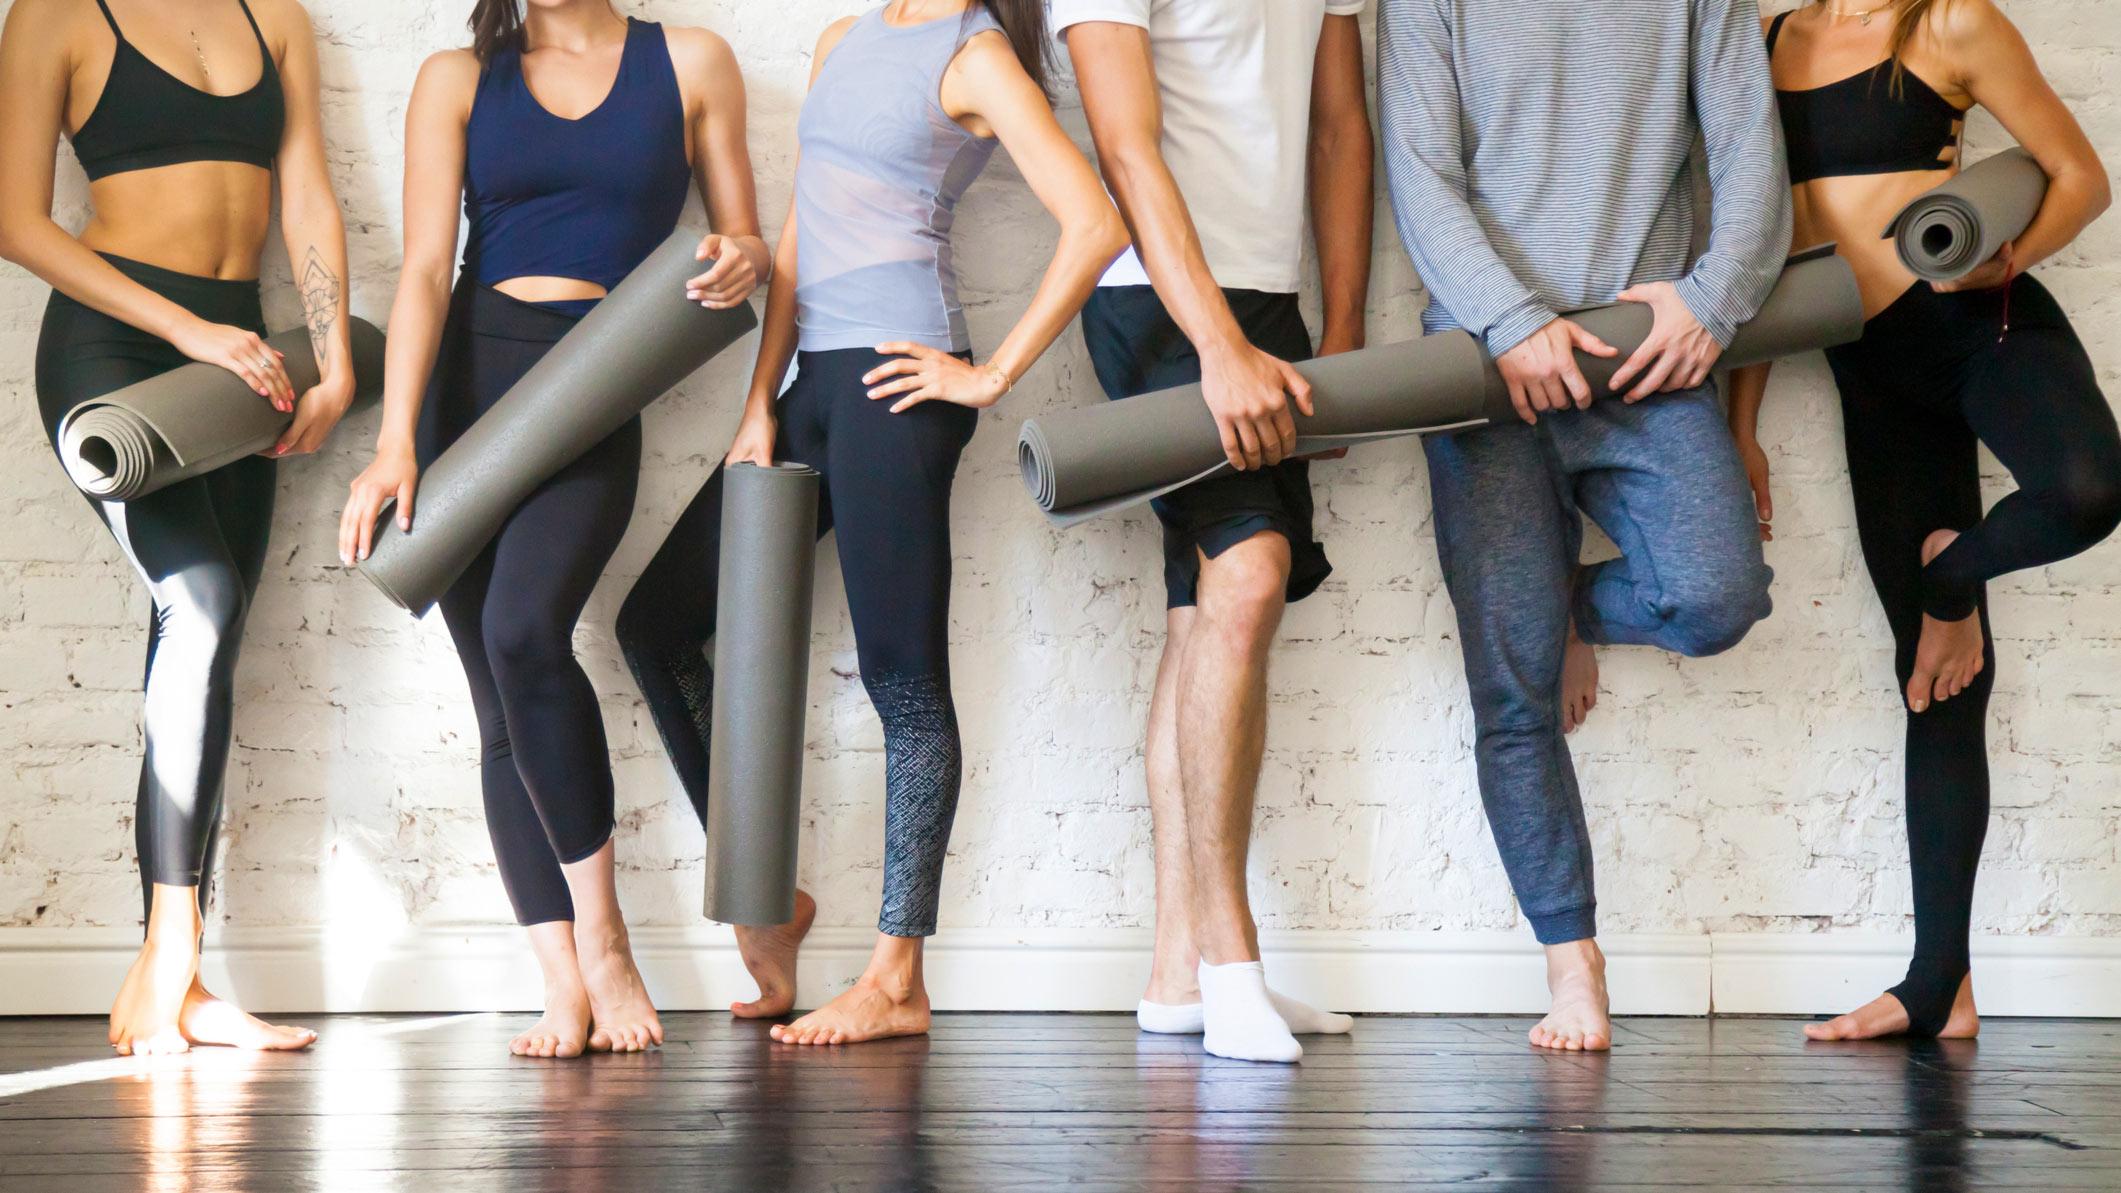 Moda fitness: 4 razões para usar uma roupa de treino para as suas atividades físicas